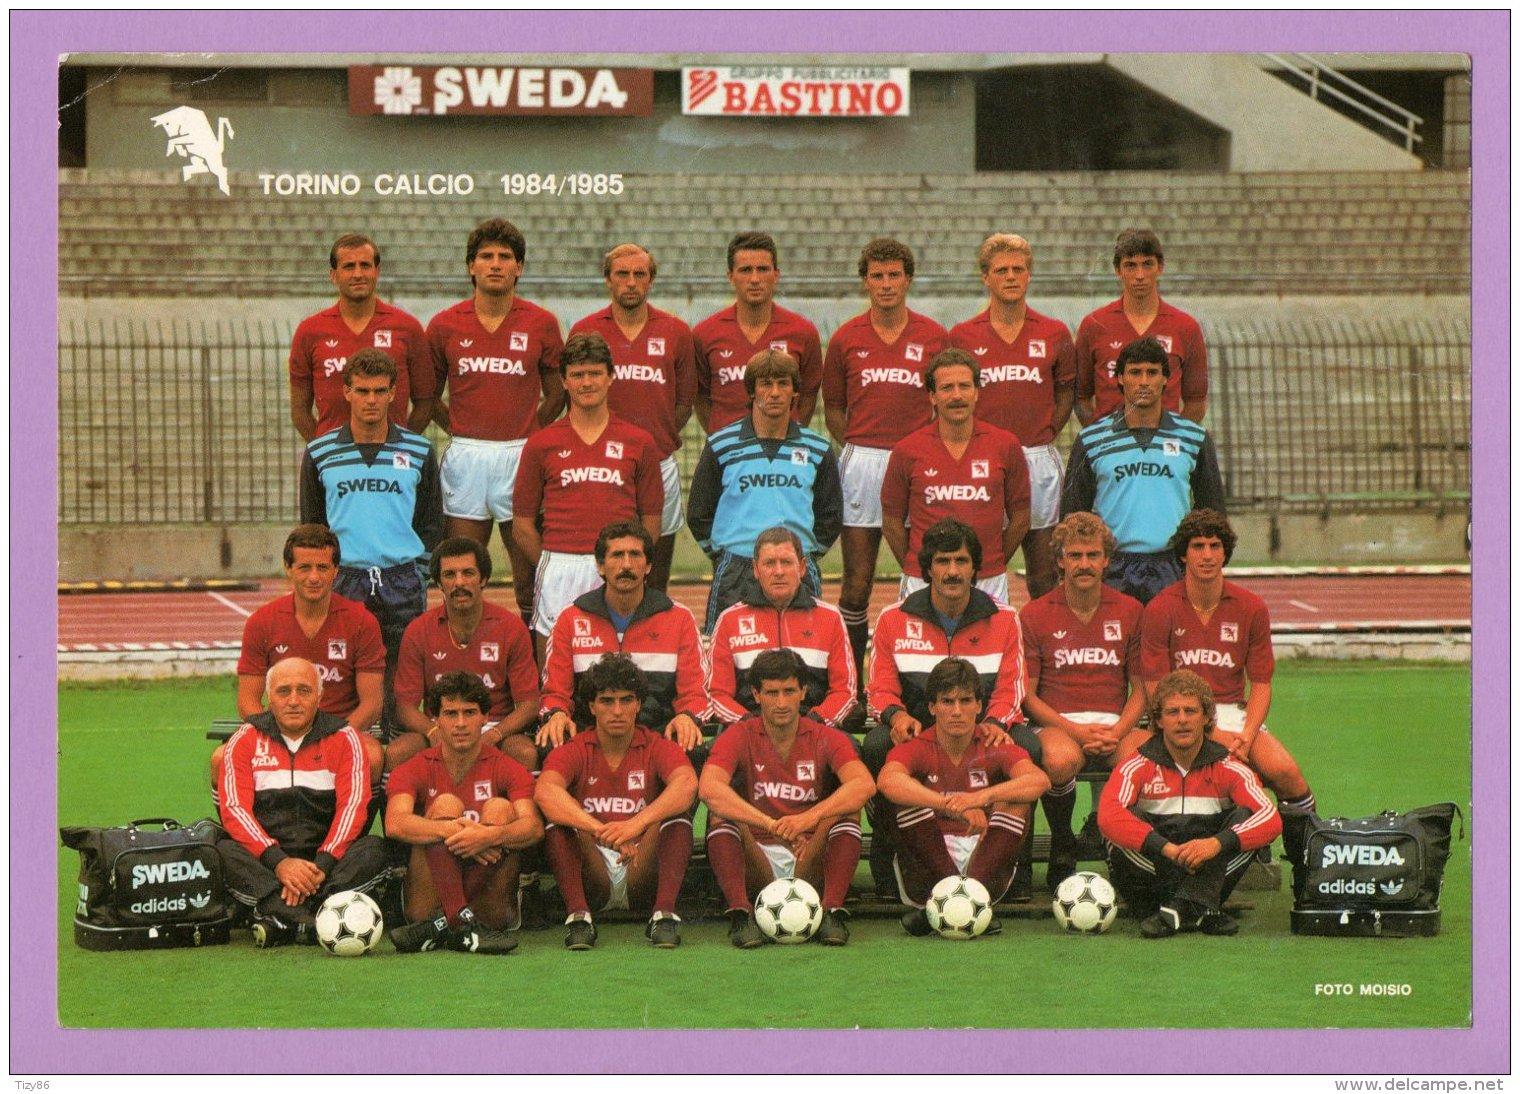 Fotografia Toro  Calcio 1984/1985 - Riproduzioni